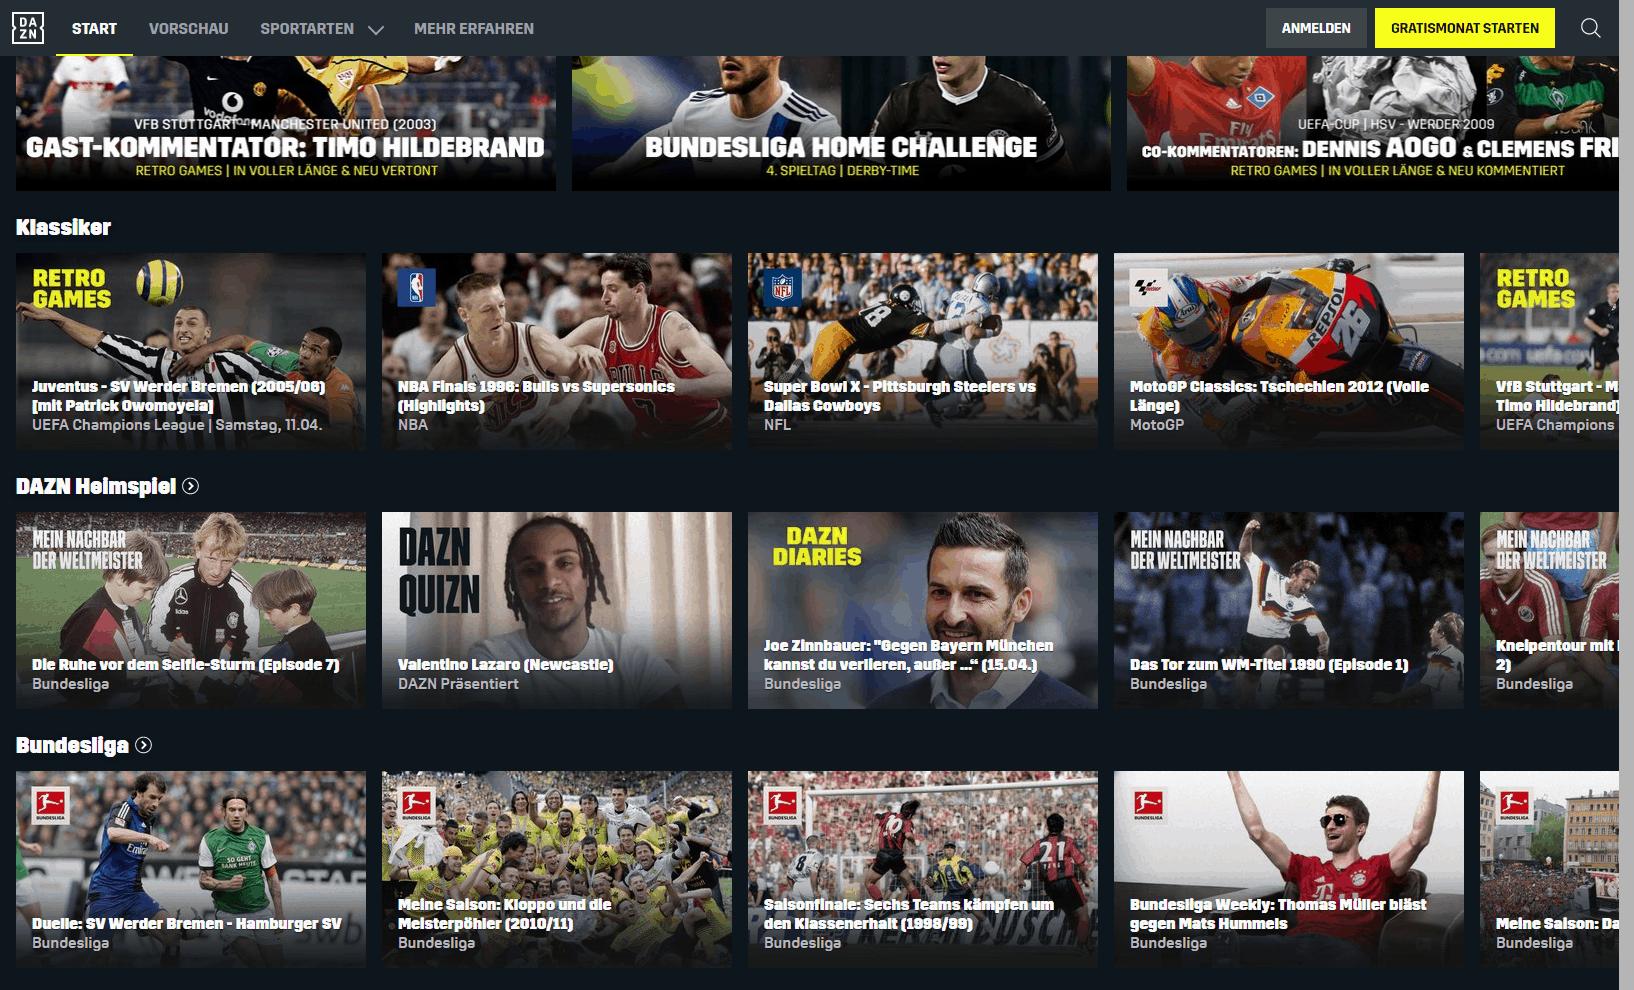 DAZN Sport-Streaming-Dienst – Programmangebot auf DAZN